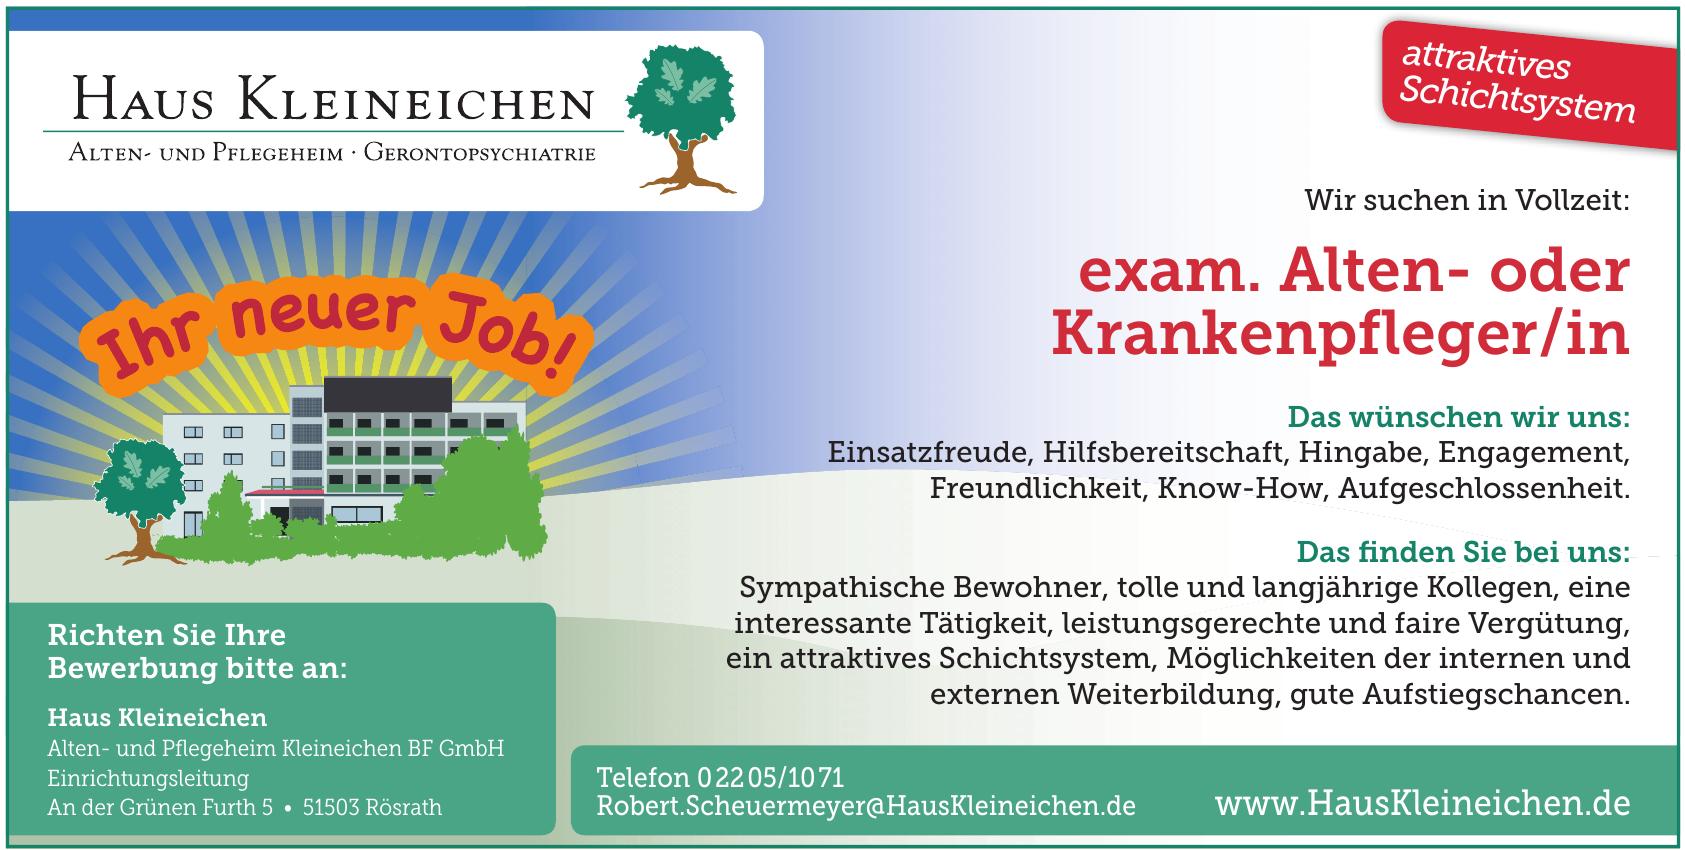 Alten- und Pflegeheim Kleineichen BF GmbH